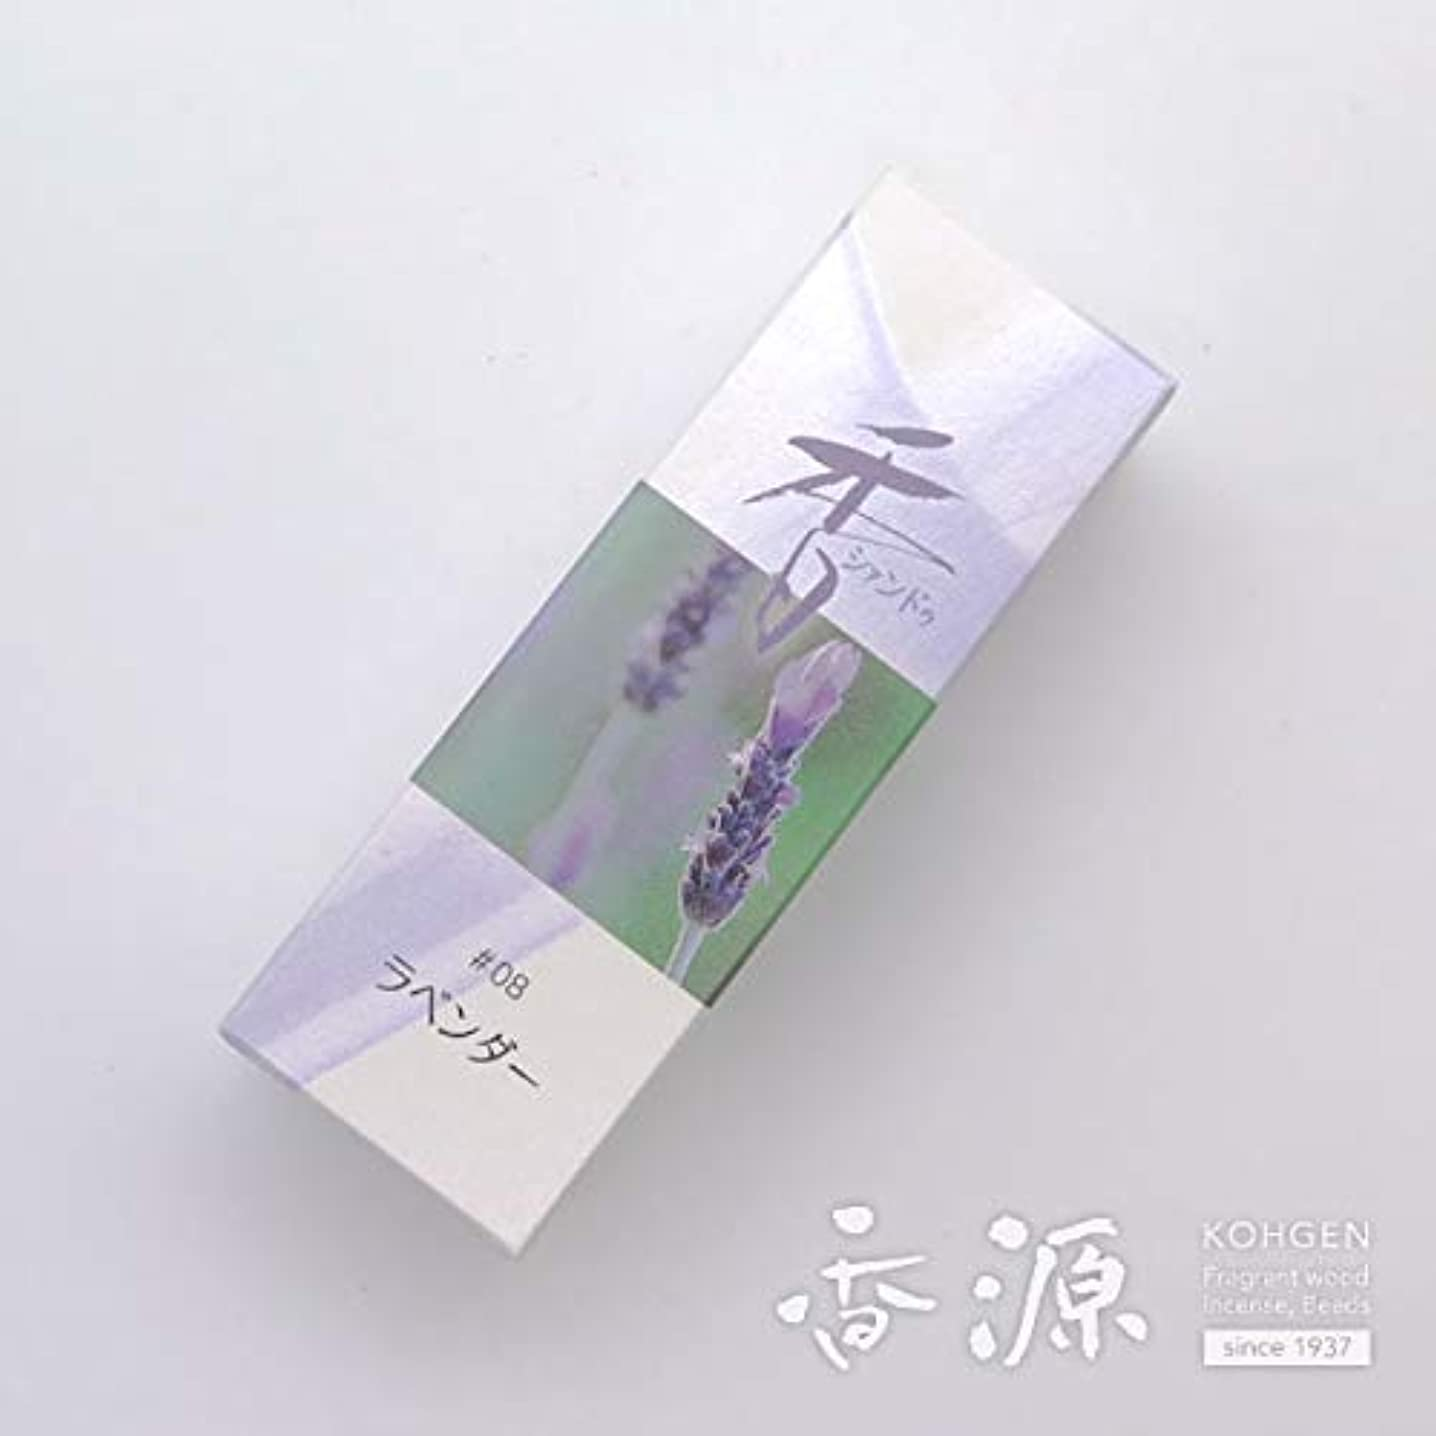 豊かにする方向意図的松栄堂のお香 Xiang Do ラベンダー ST20本入 簡易香立付 #214208